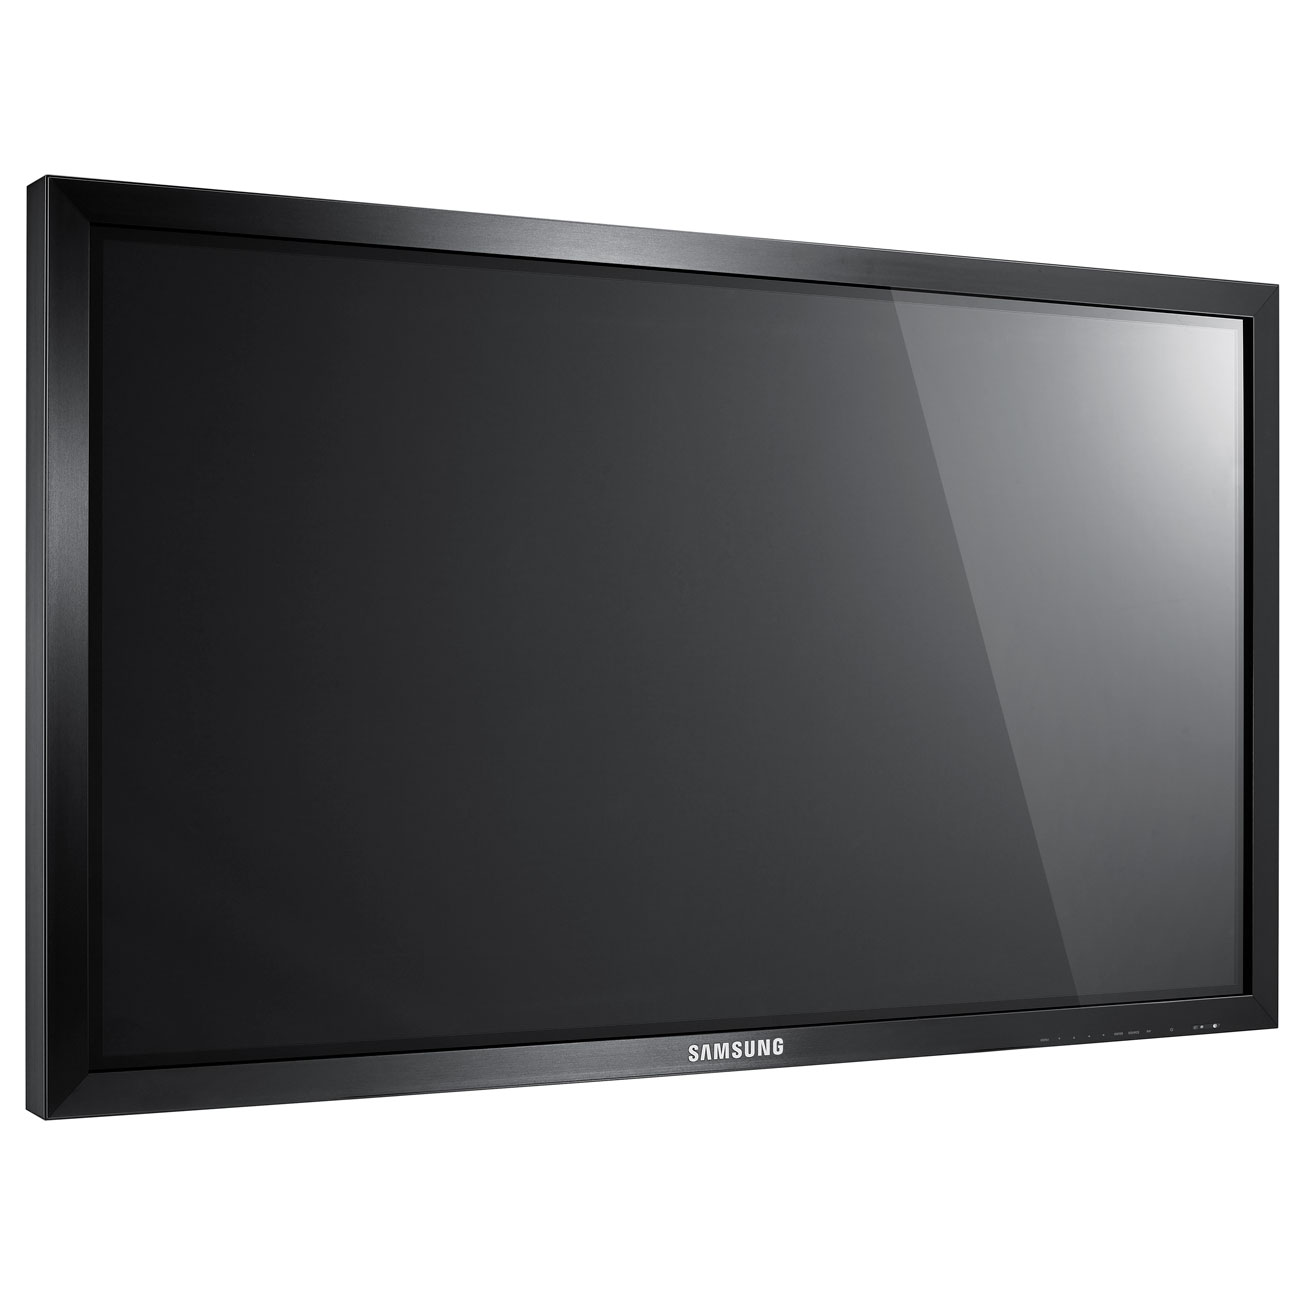 samsung 65 lcd tactile 650ts 2 lh65tcqmbc en achat vente ecran dynamique sur. Black Bedroom Furniture Sets. Home Design Ideas